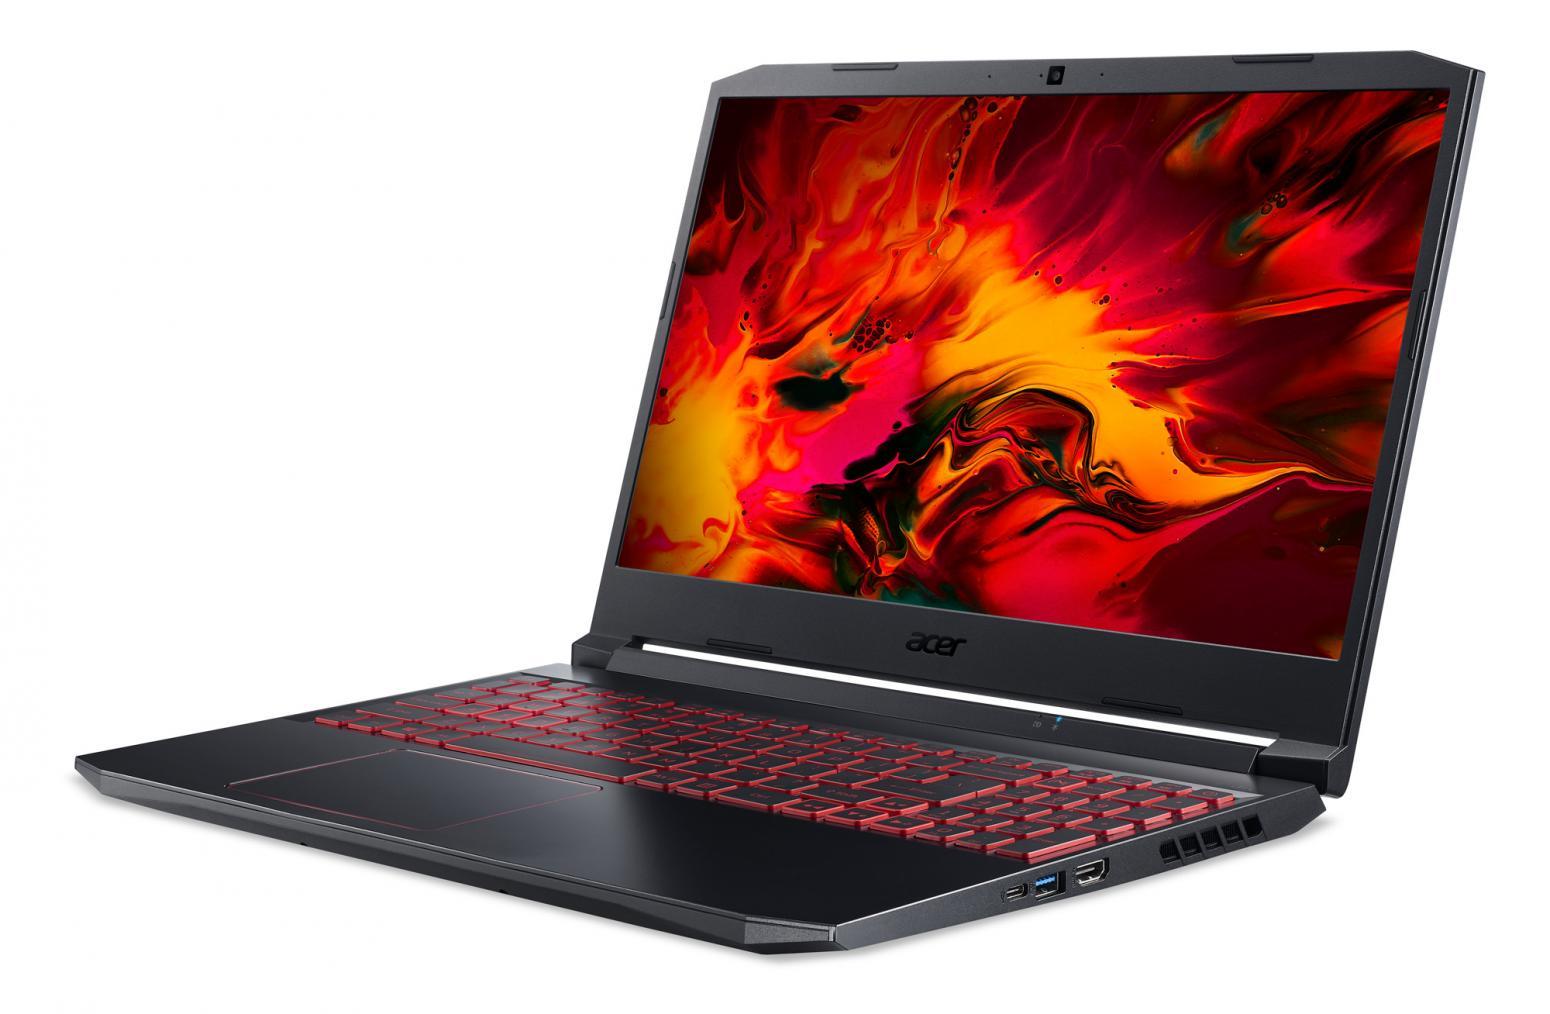 Ordinateur portable Acer Nitro 5 AN515-55-5041 - RTX 3060, 144Hz - photo 3